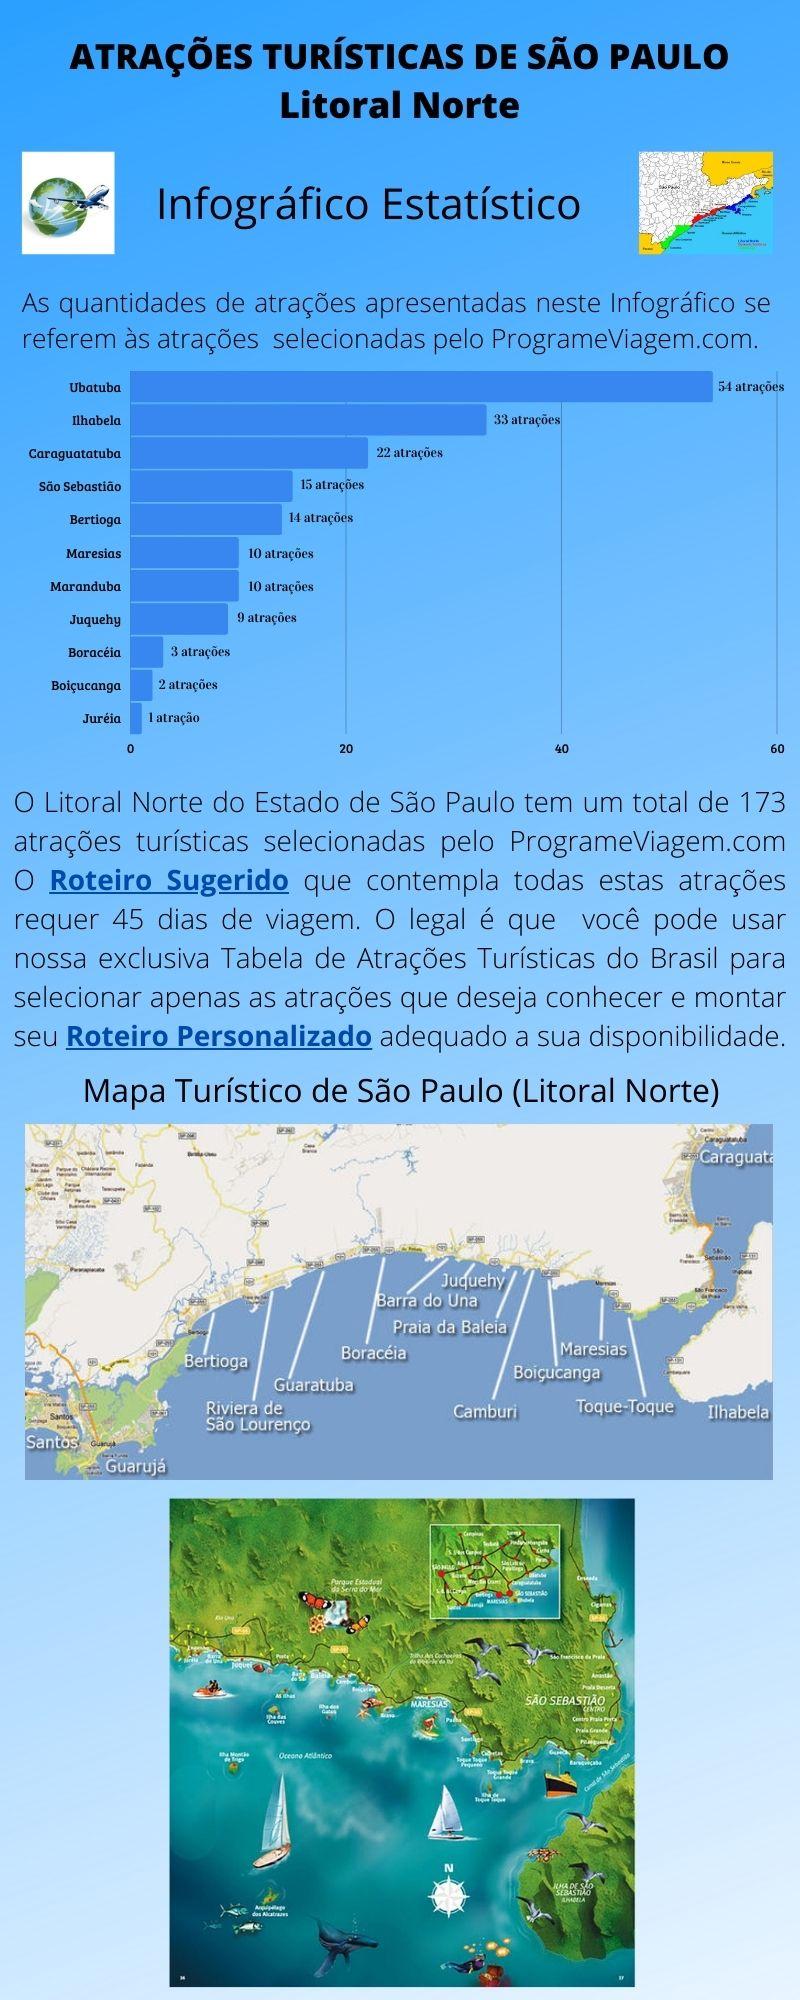 Infográfico Atrações Turísticas de São Paulo (Litoral Norte)